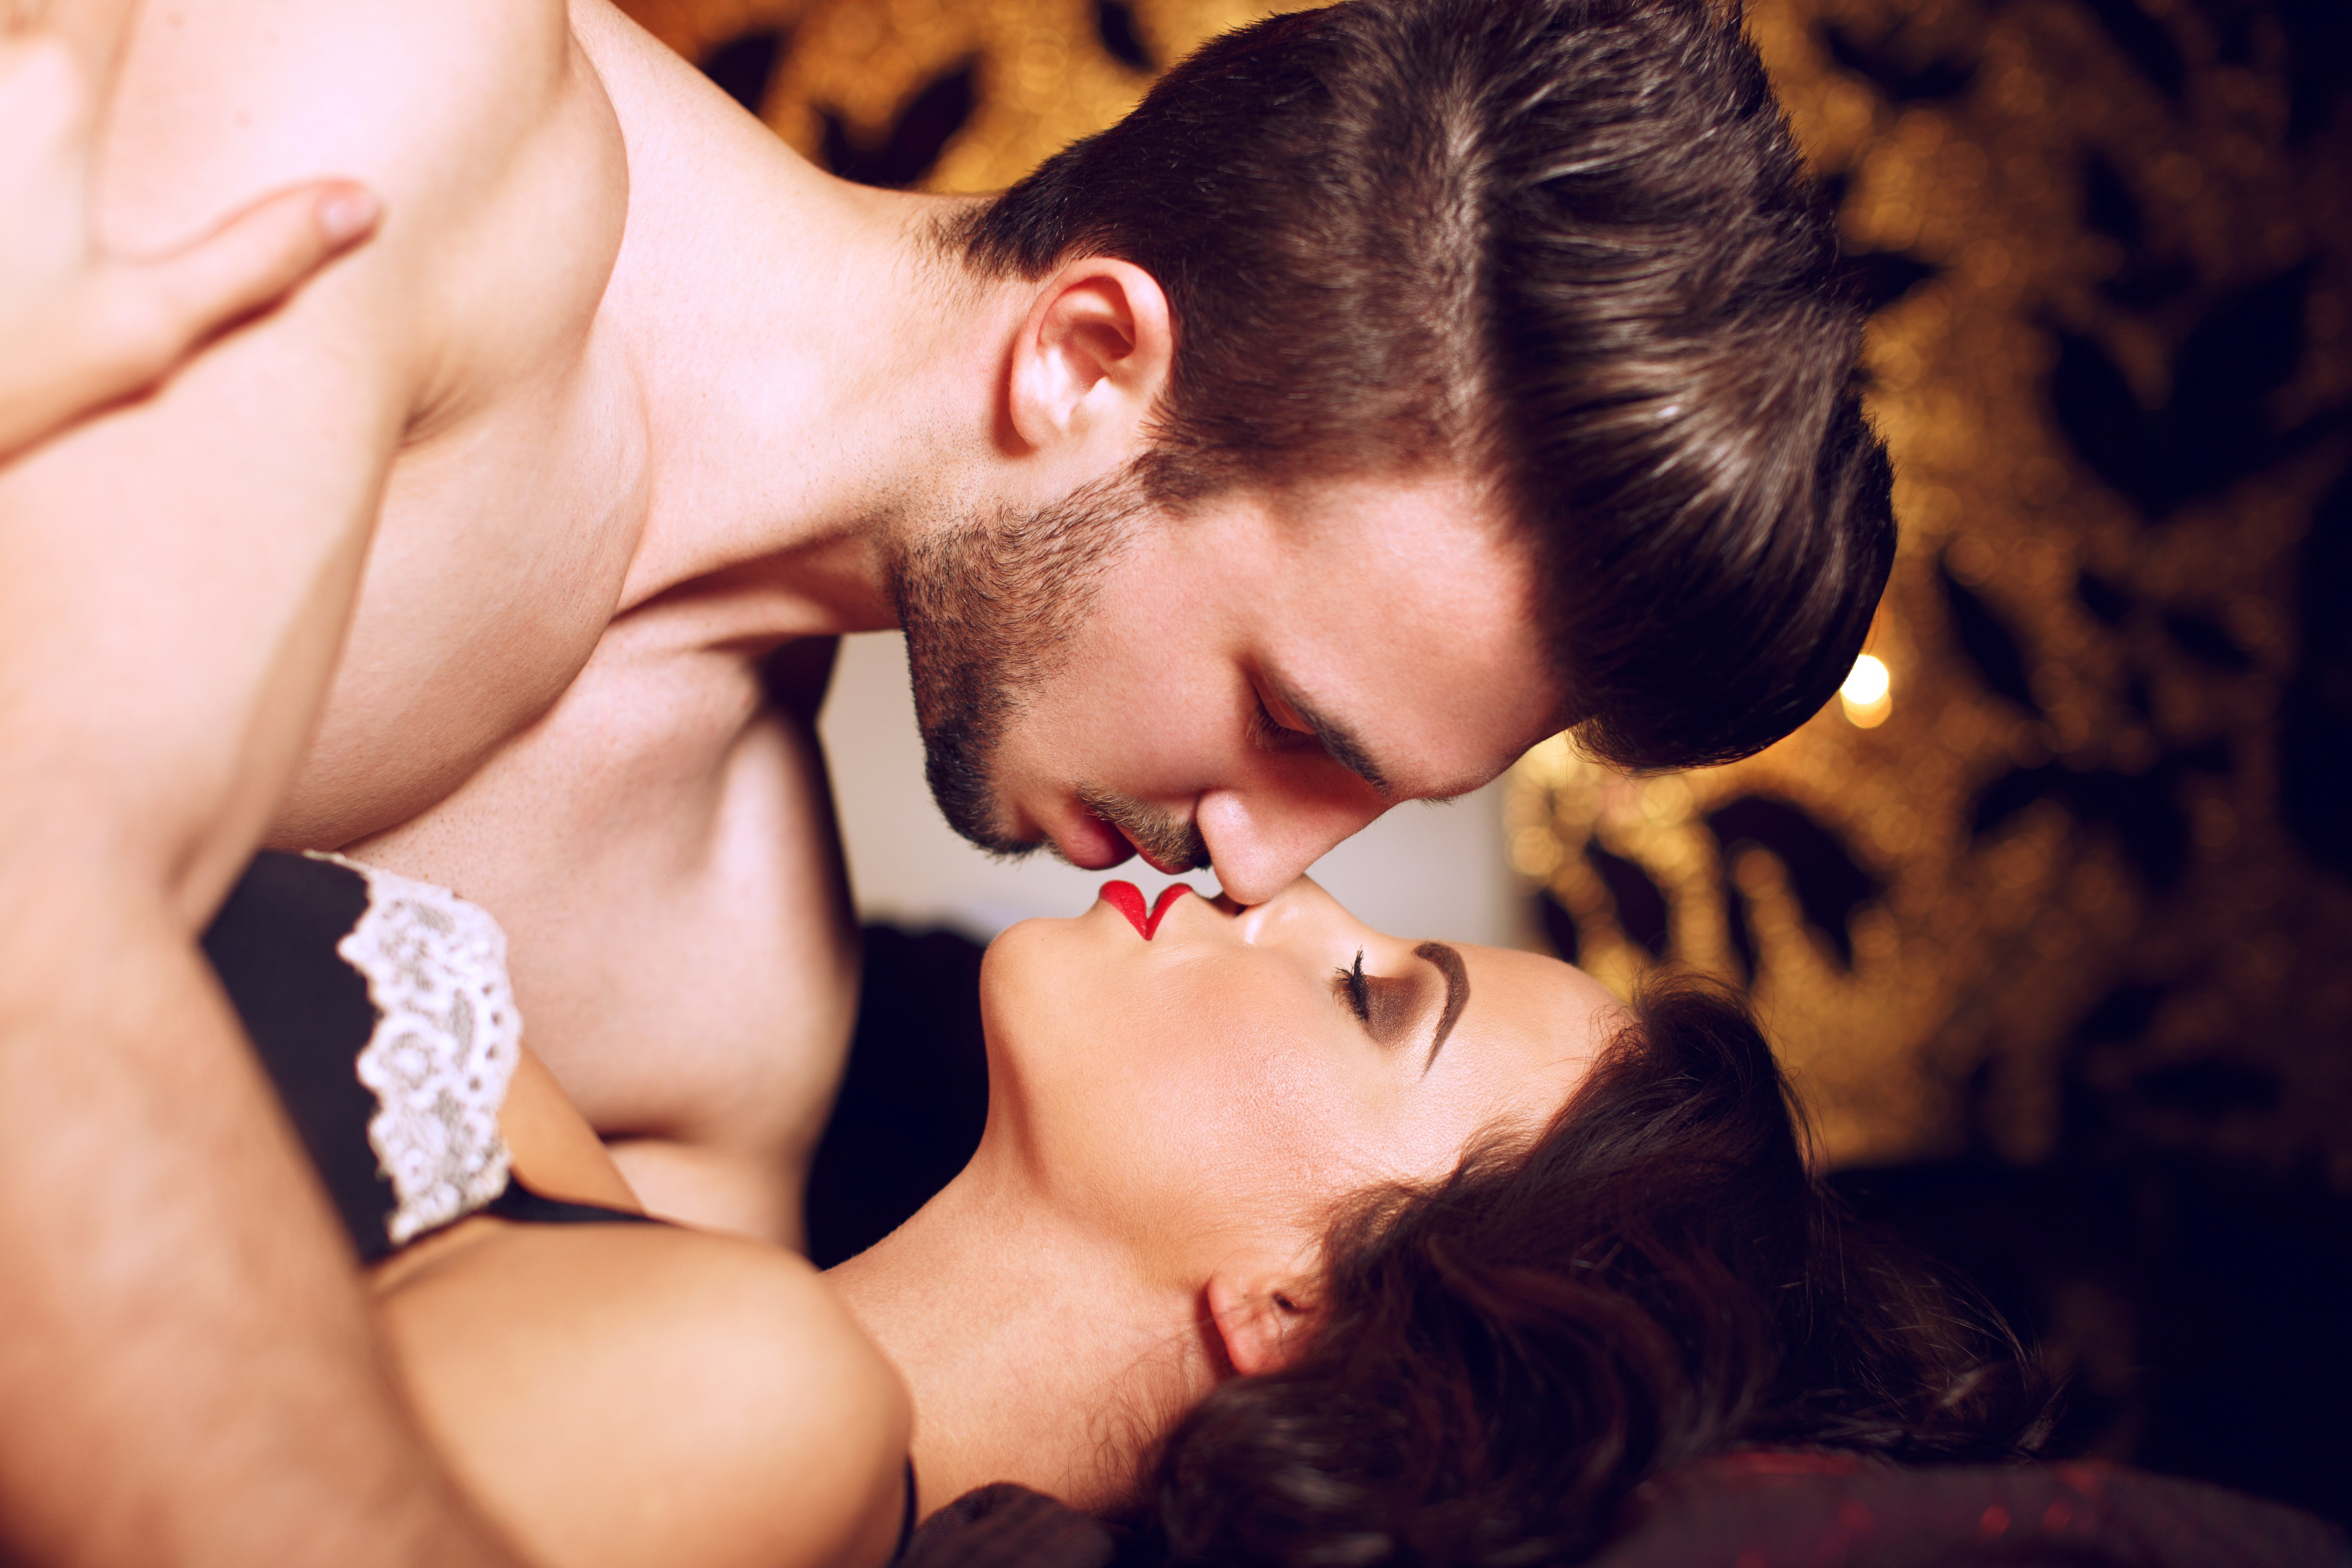 Почемк мужчина шепчет кончаю во время секса